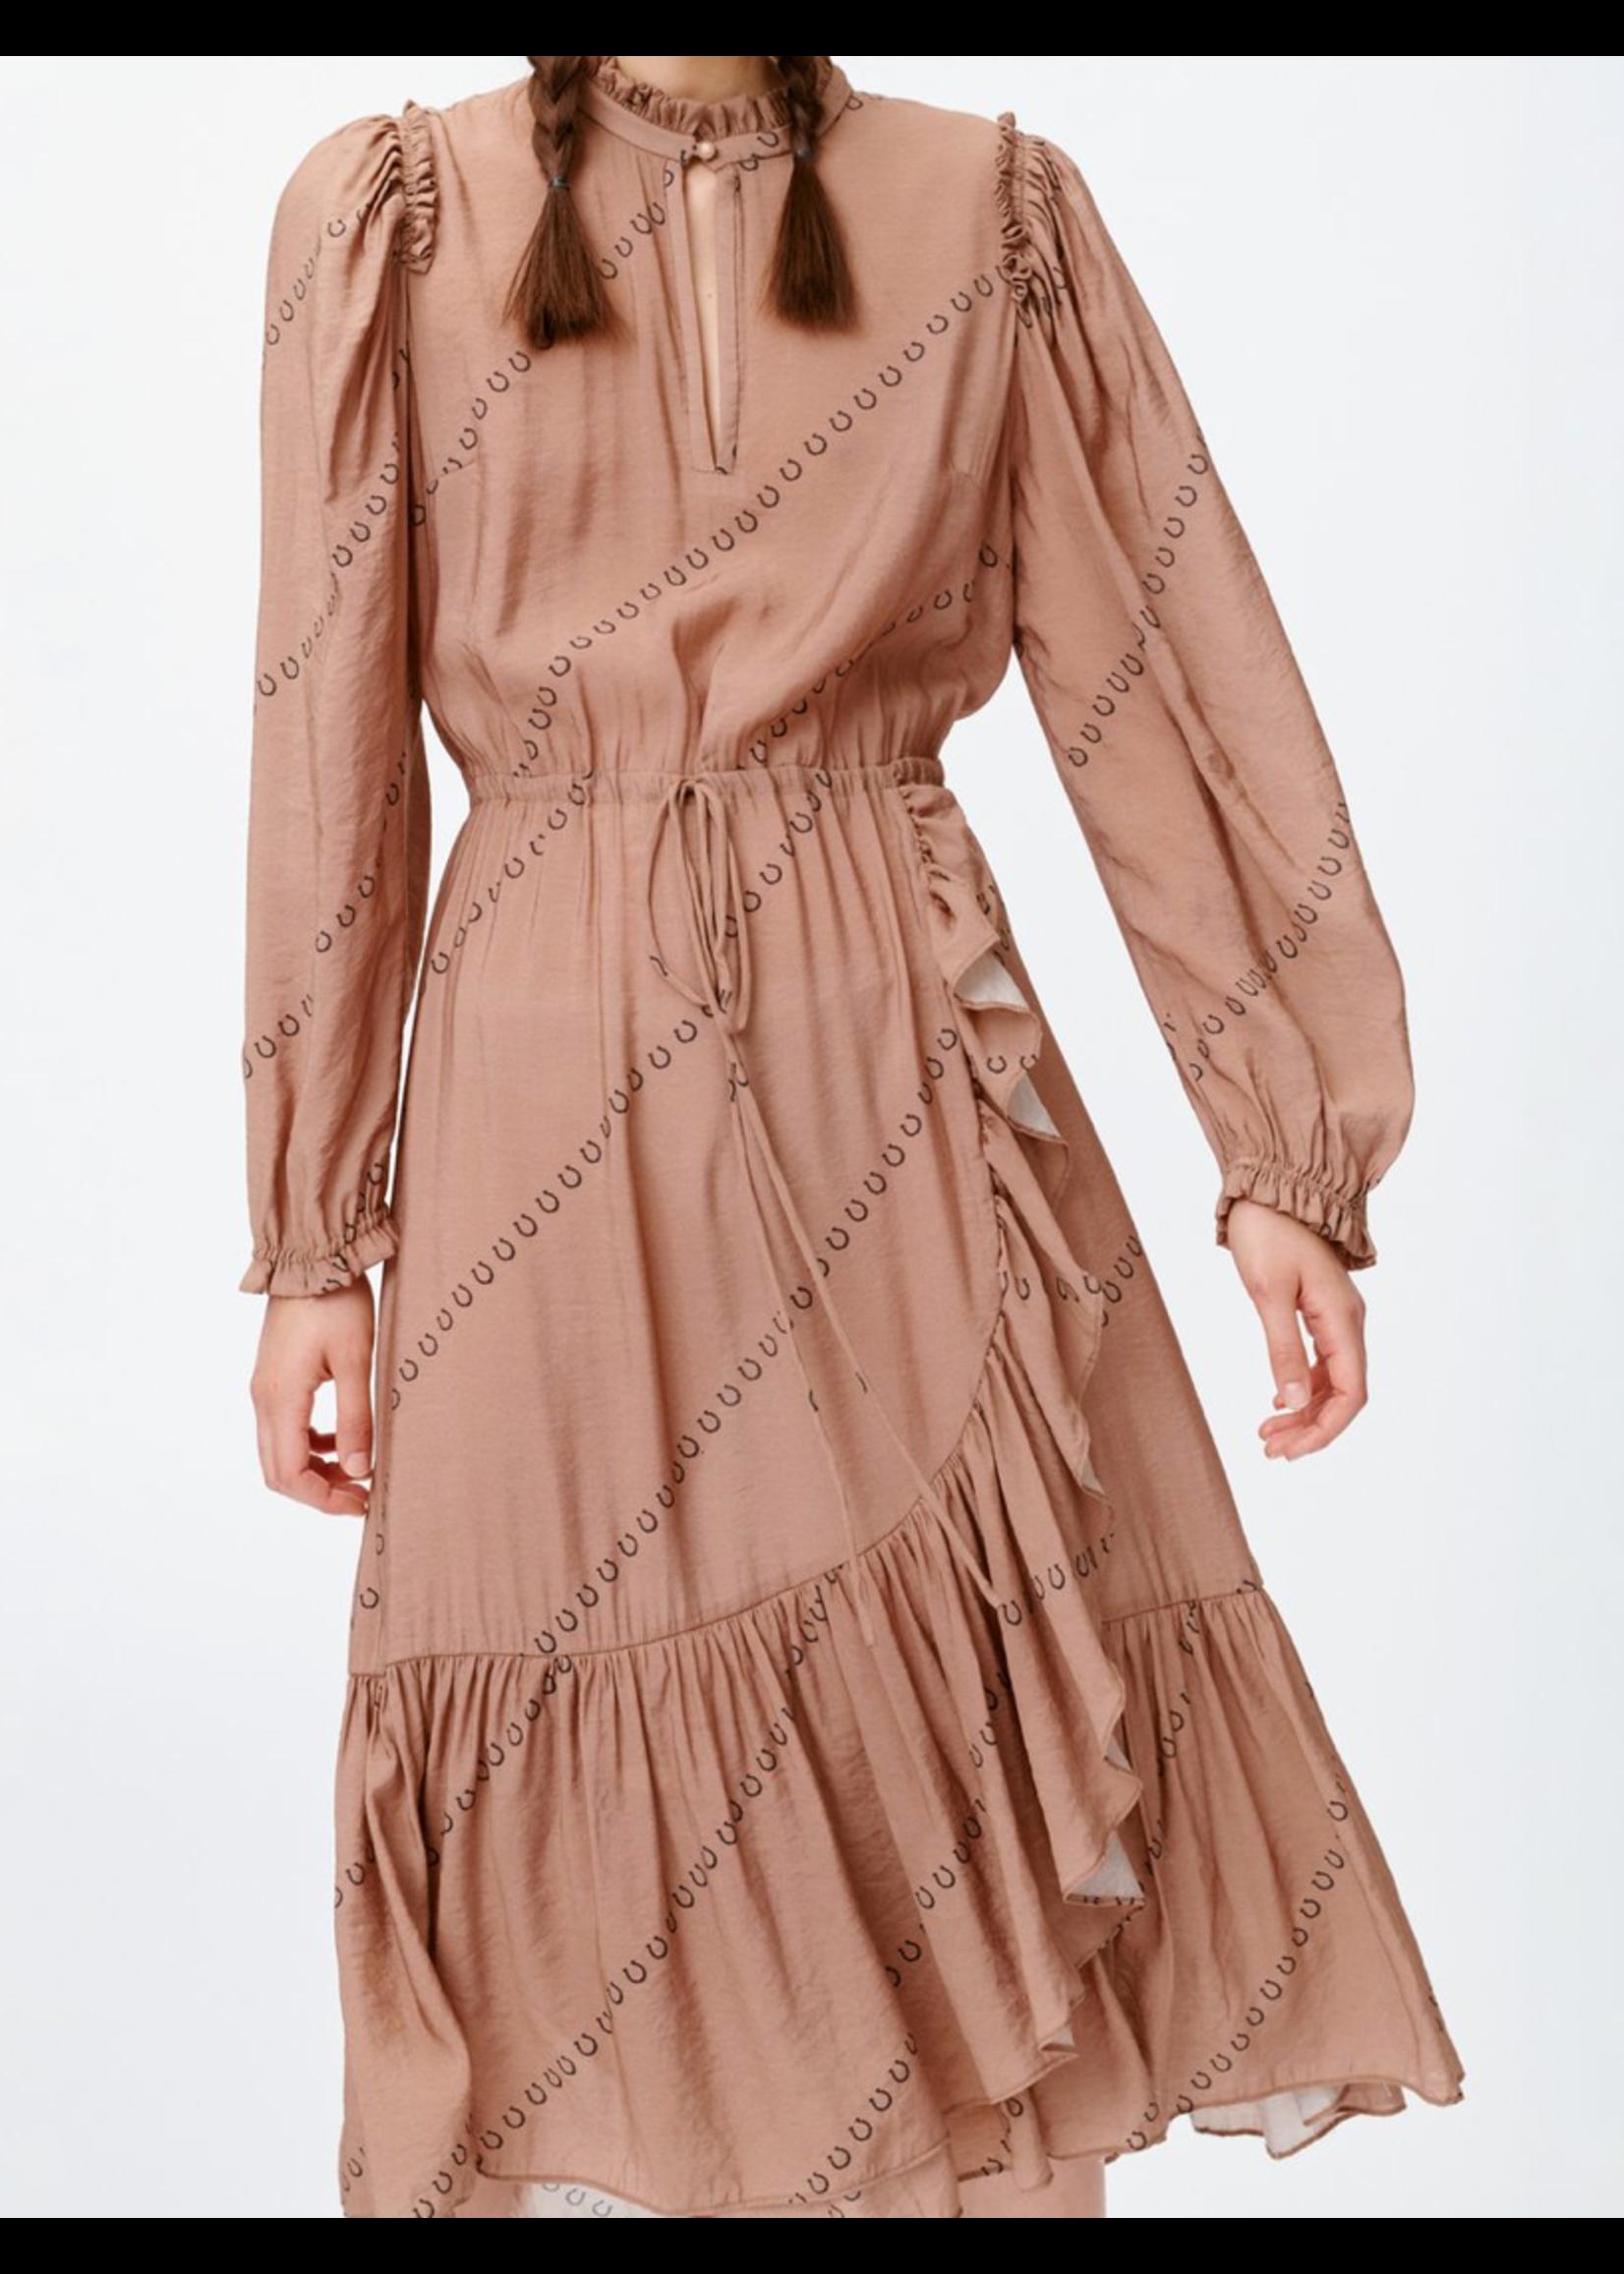 HORSESHOE DRESS